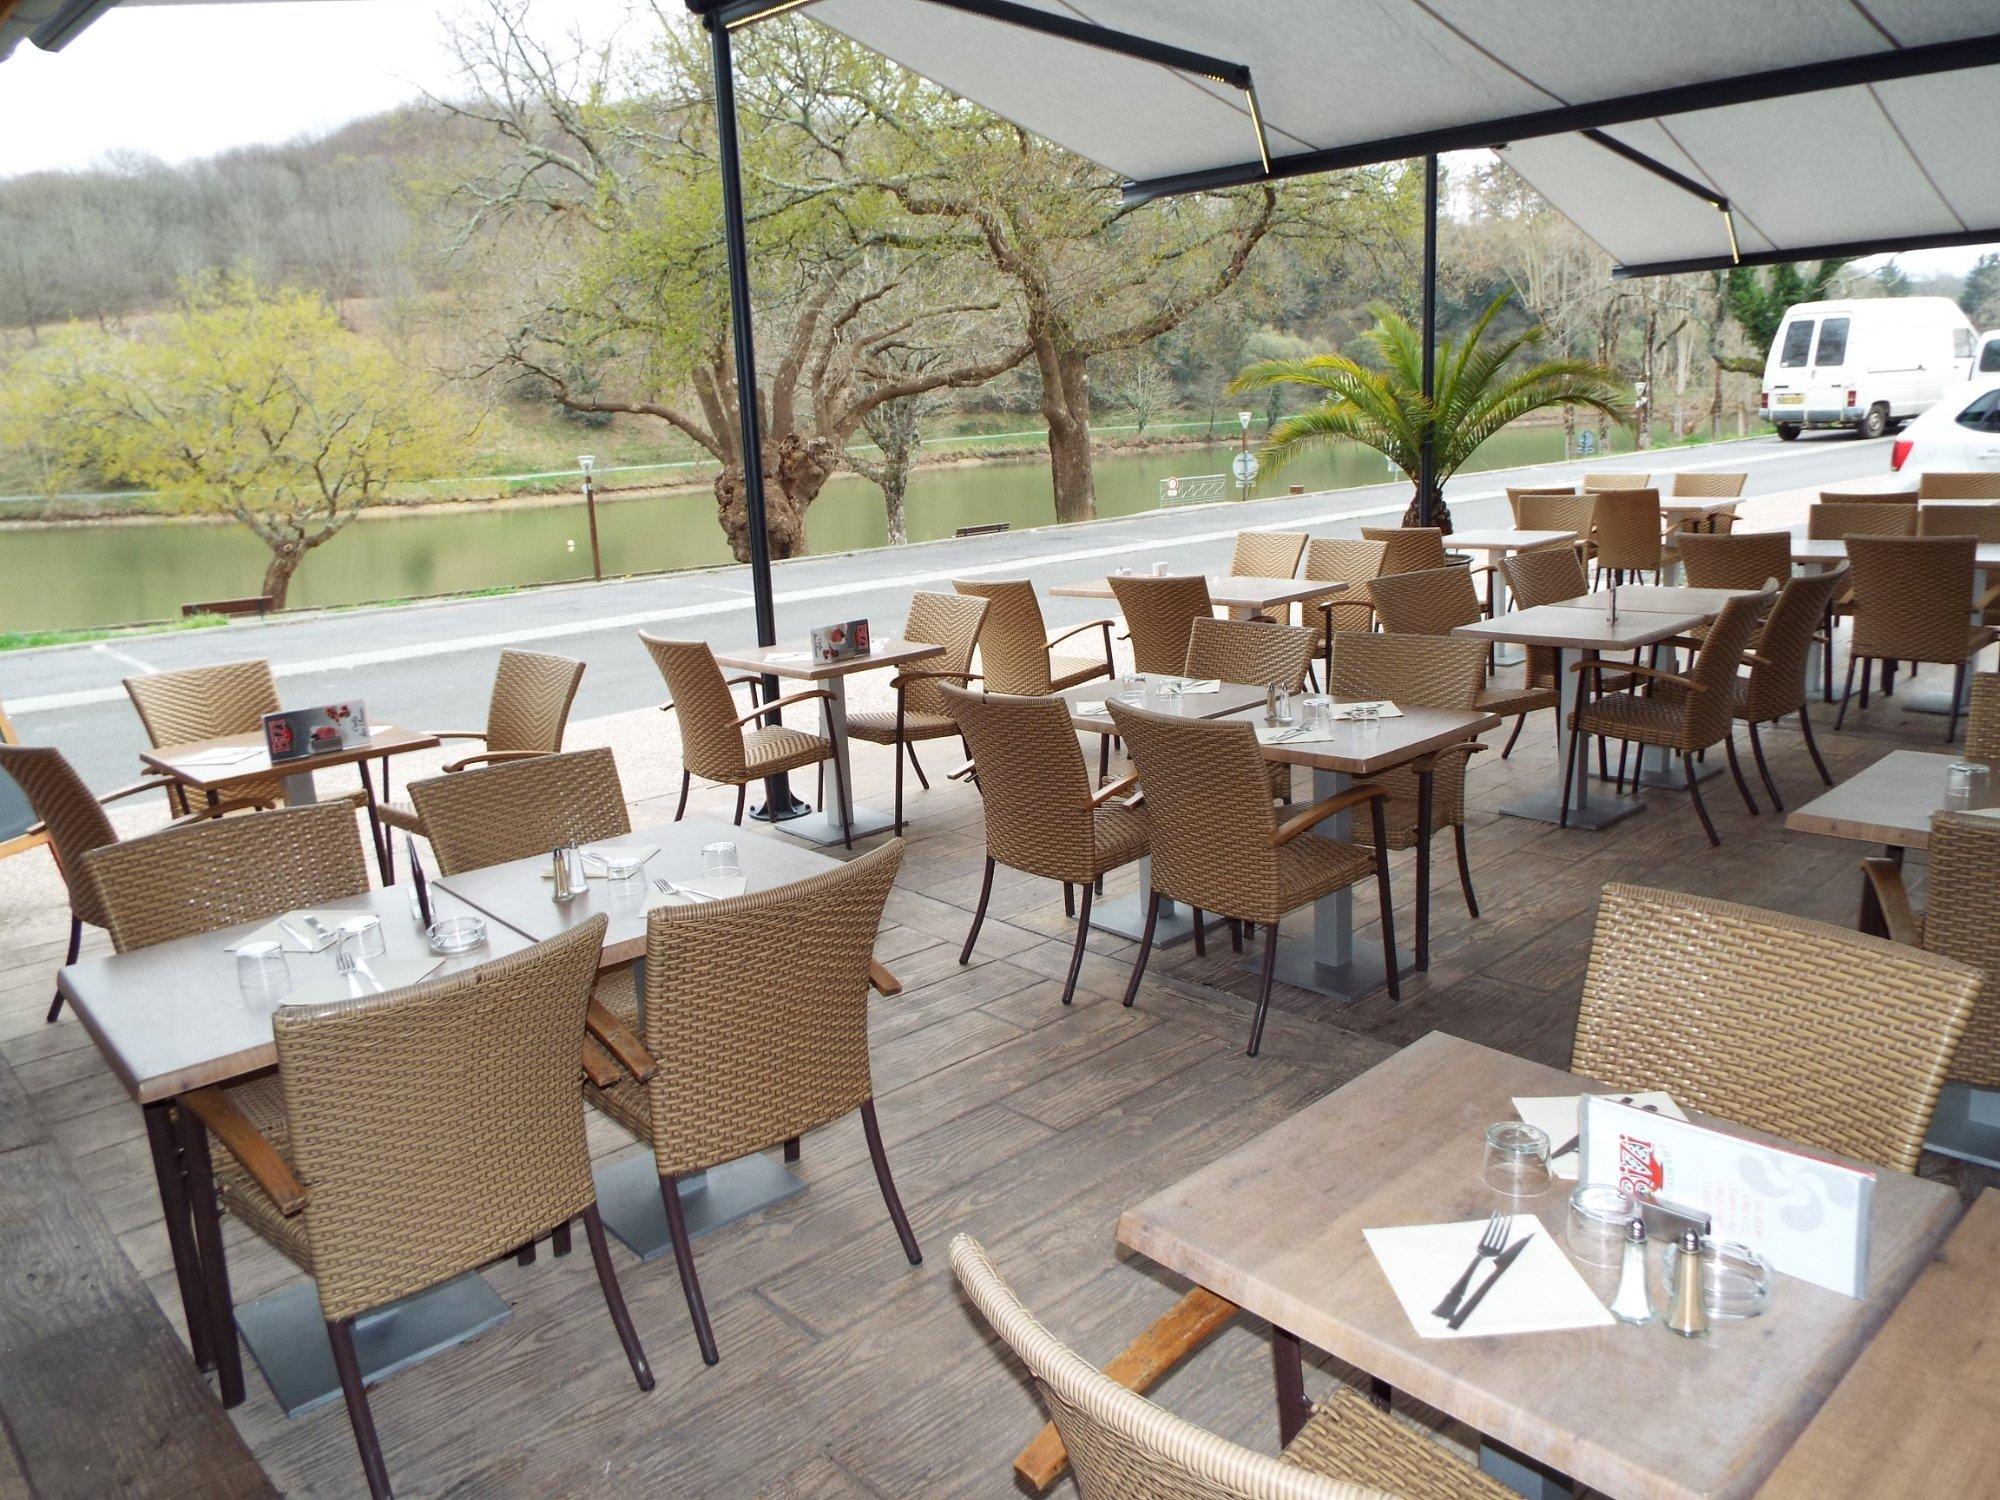 BIZI Saint Pée sur Nivelle Restaurant Avis Numéro de Téléphone